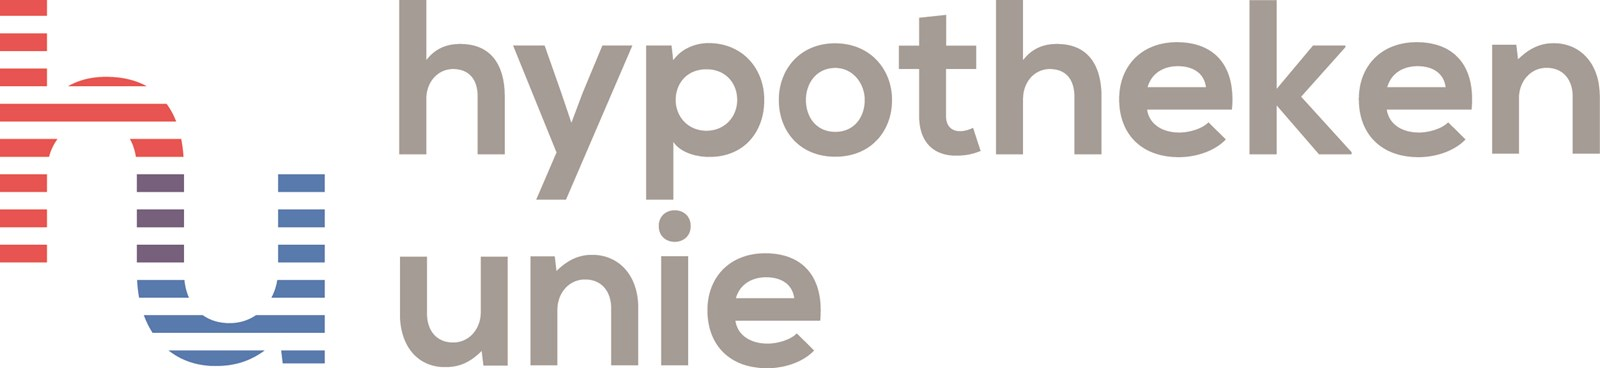 Afbeelding van HypothekenUnie Drechtsteden